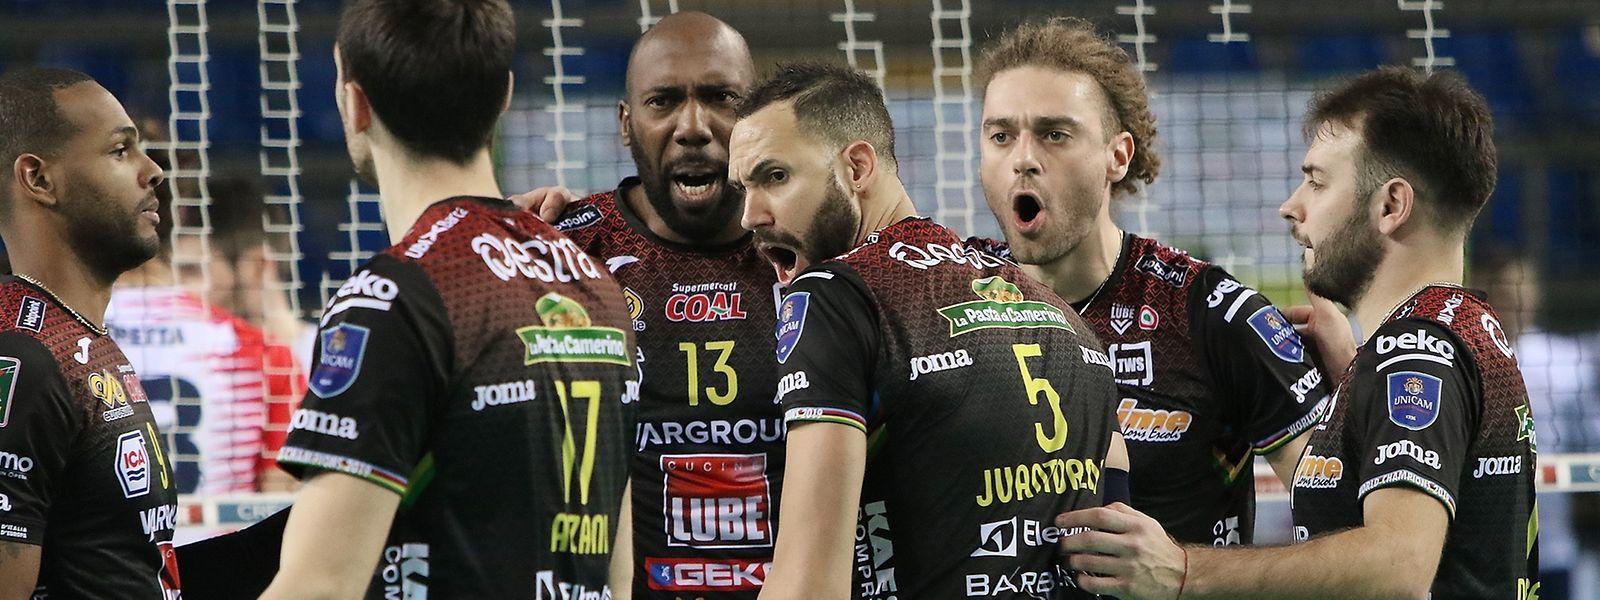 Kamil Rychlicki (2.v.r.) und seine Teamkollegen wollen es nicht beim Pokaltitel belassen.